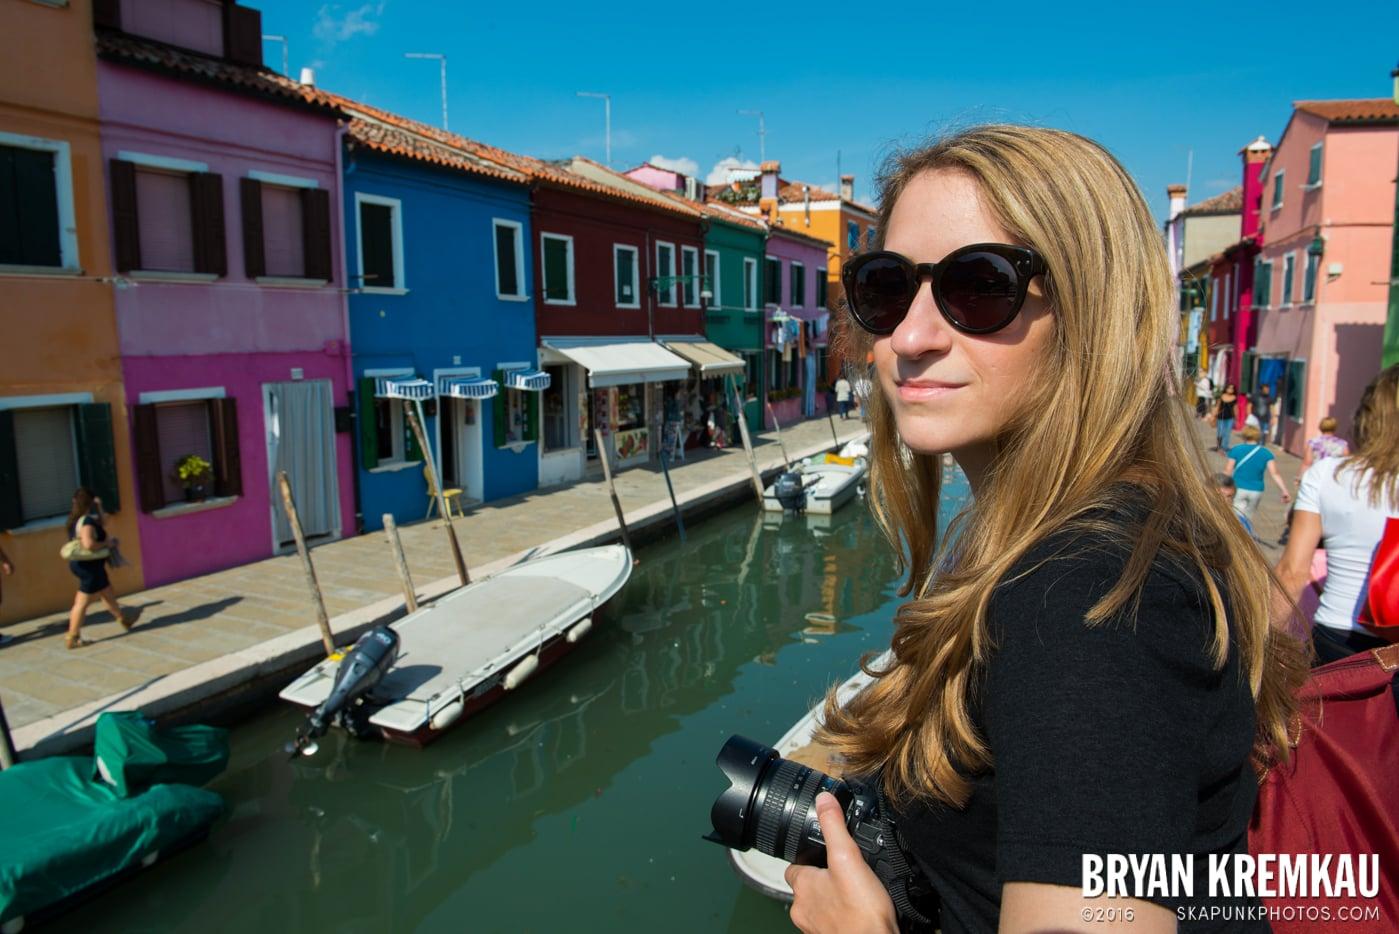 Italy Vacation - Day 6: Murano, Burano, Venice - 9.14.13 (28)